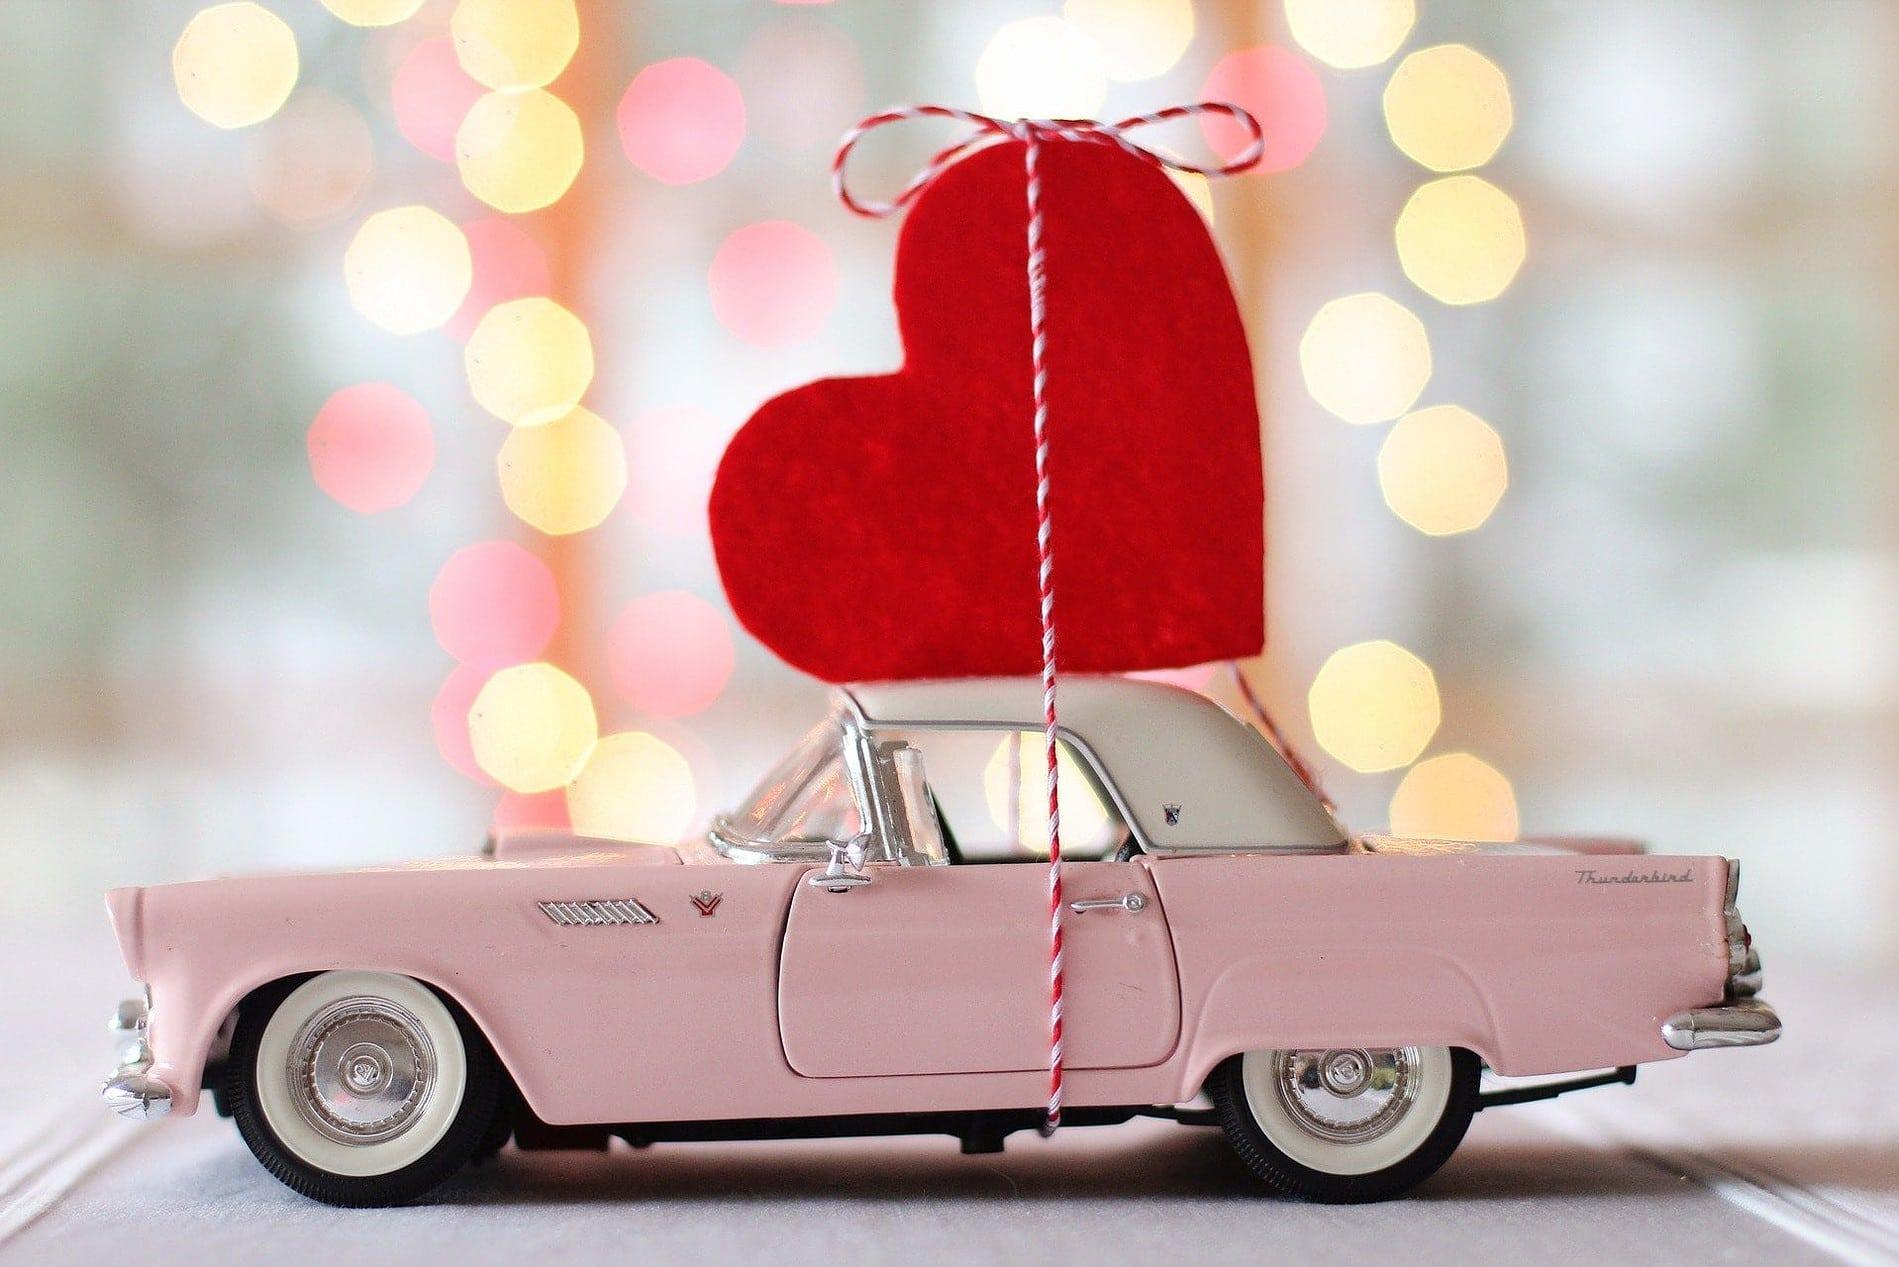 idealny prezent dla faceta na Walentynki